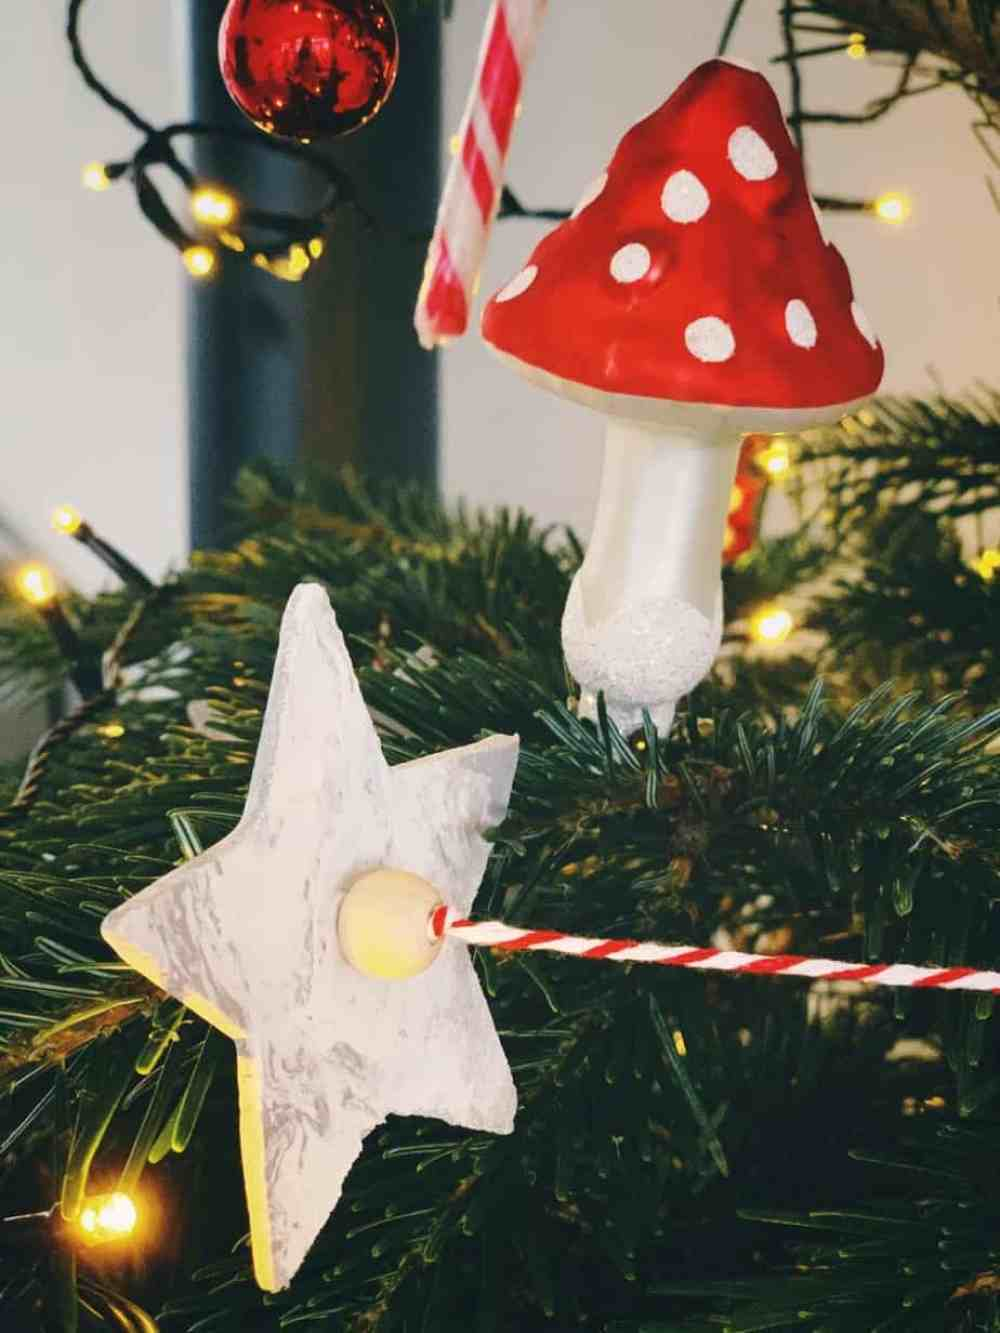 DIY kerstslinger maken